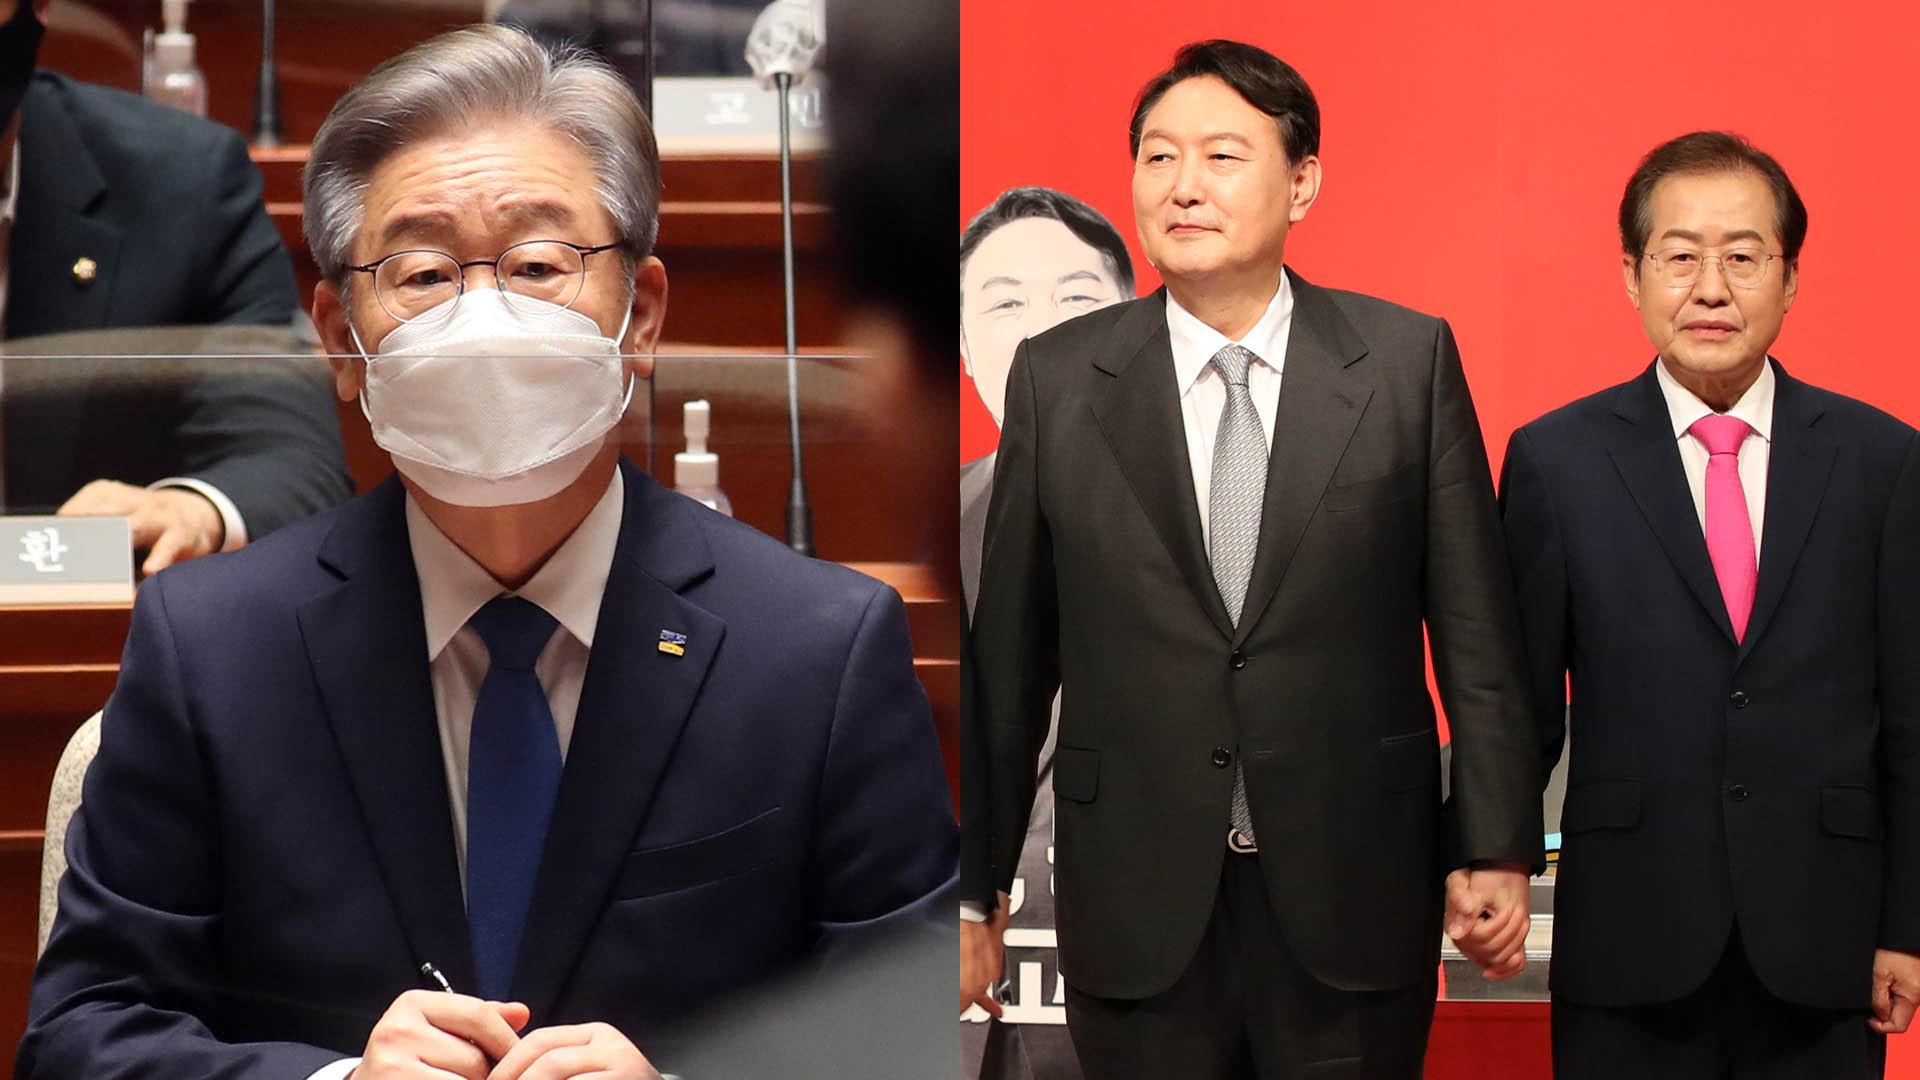 與 경선 앙금 수습에 총력…윤석열-홍준표 첫 맞수토론